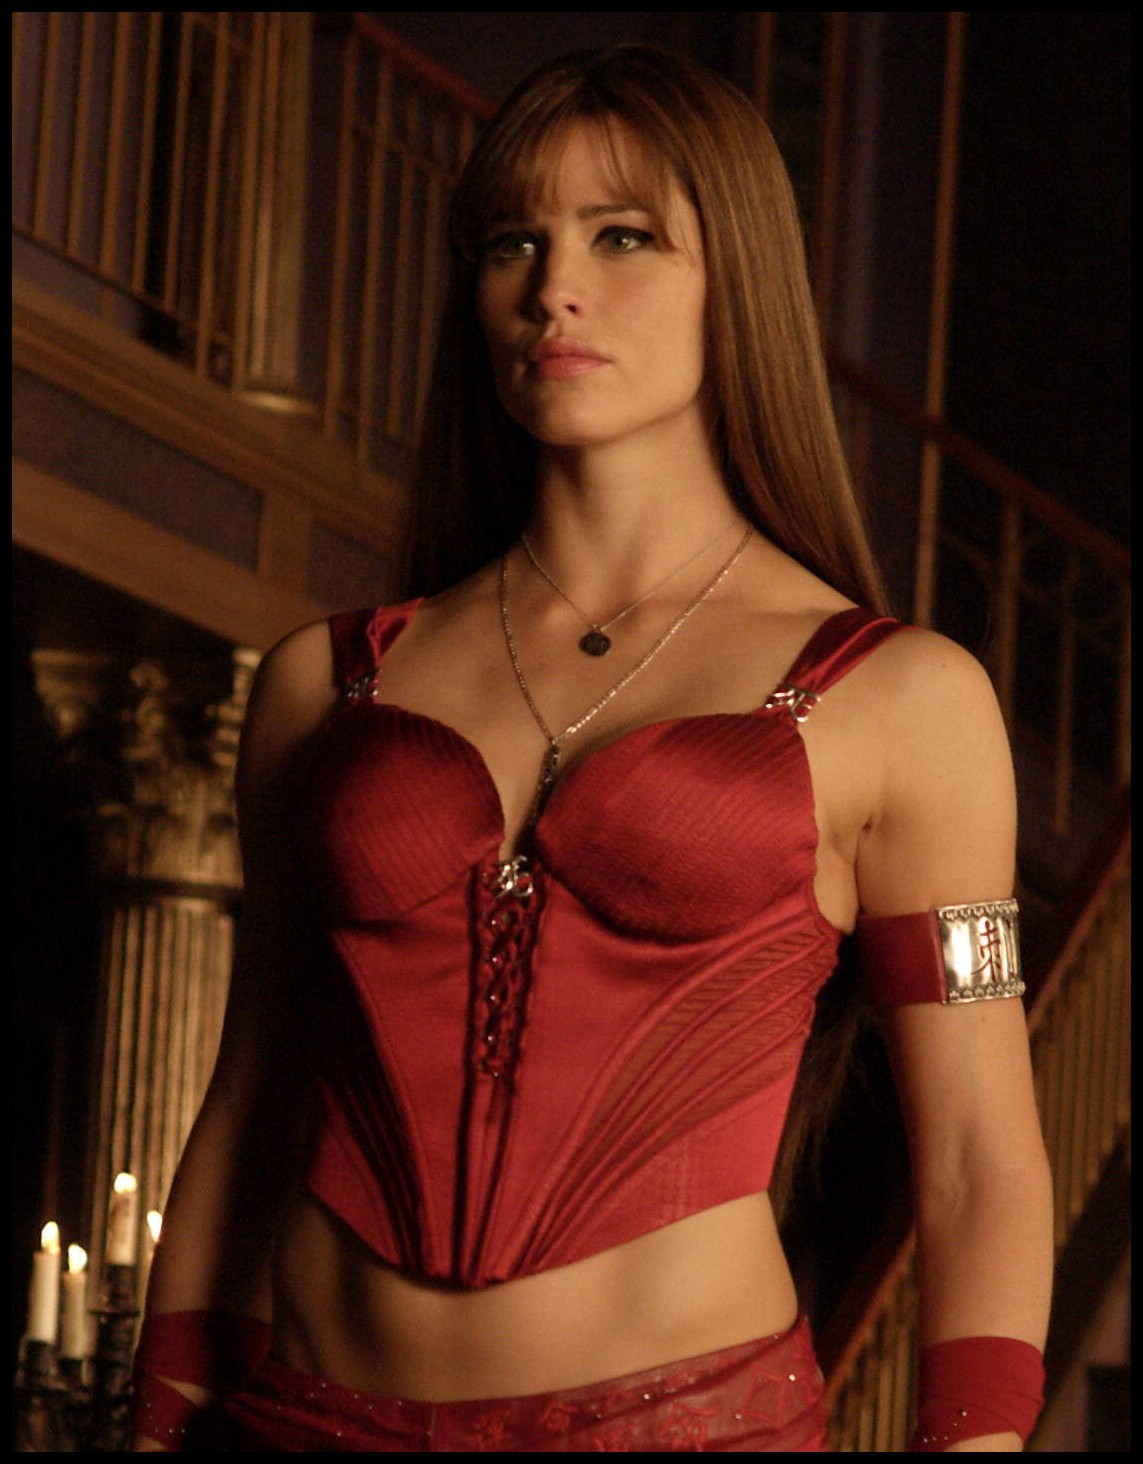 http://2.bp.blogspot.com/_ZNkvemDYDFo/TPLUs5NTJGI/AAAAAAAABjs/Q3xb_tLNcgc/s1600/Jennifer_Garner_sexy_hot_elektra.jpg